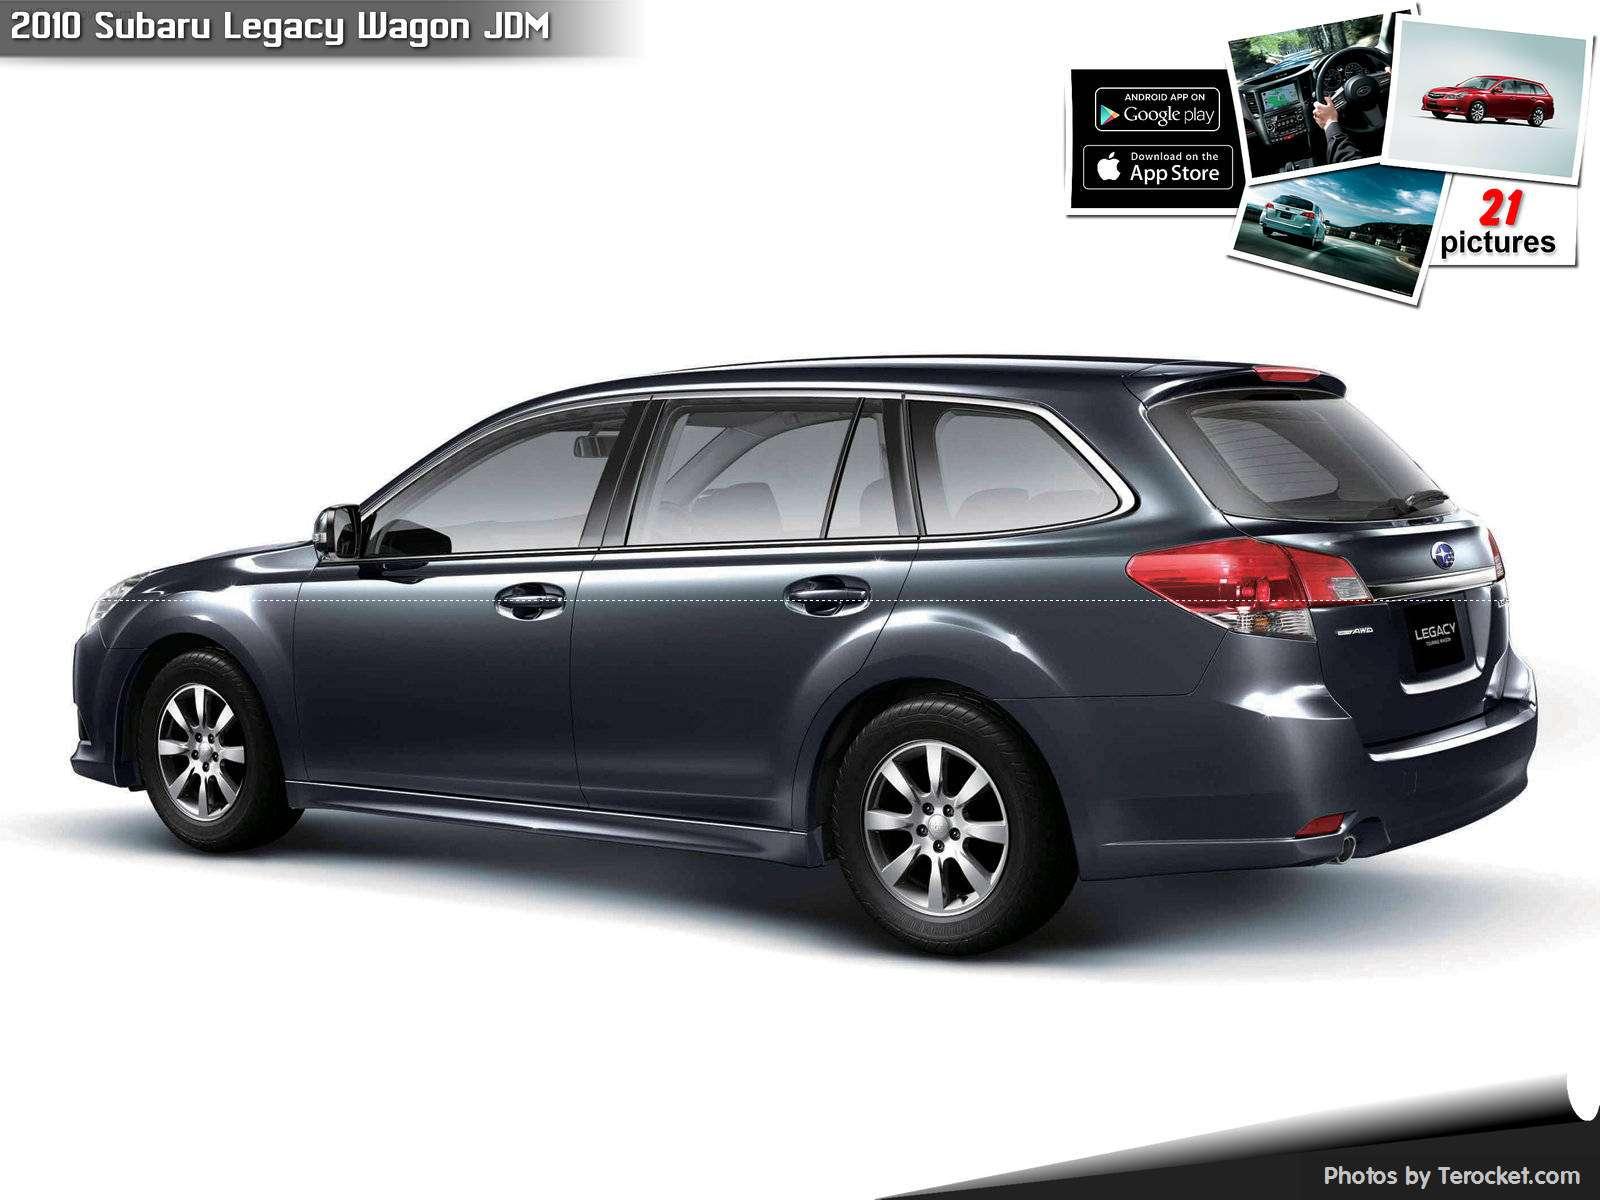 Hình ảnh xe ô tô Subaru Legacy Wagon JDM 2010 & nội ngoại thất